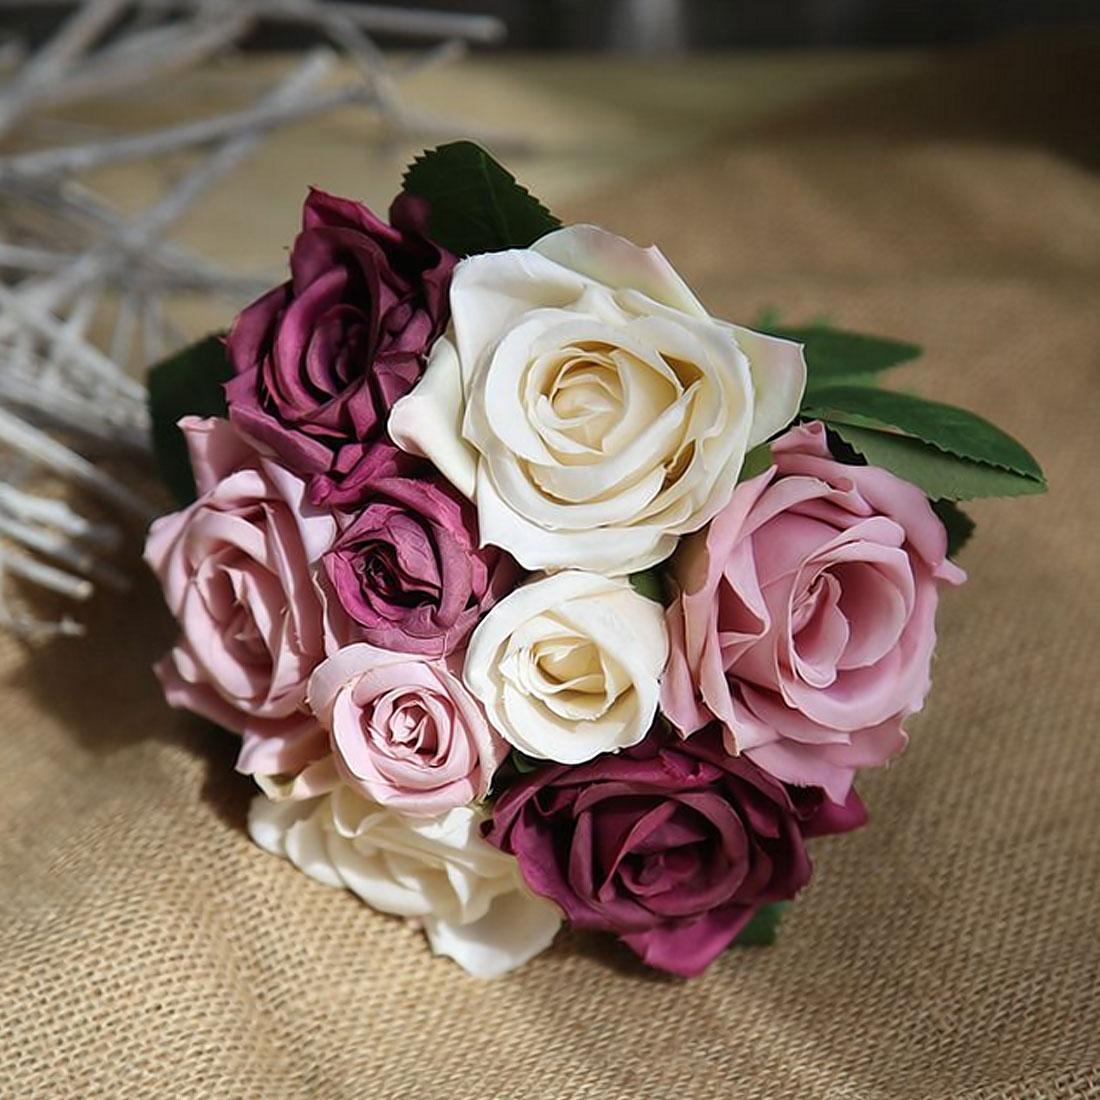 Высокое качество 9 шт Роза цветы банкет тайская Королевская роза свадебное украшение Искусственные цветы Искусственный шелк цветок розы домашний декор